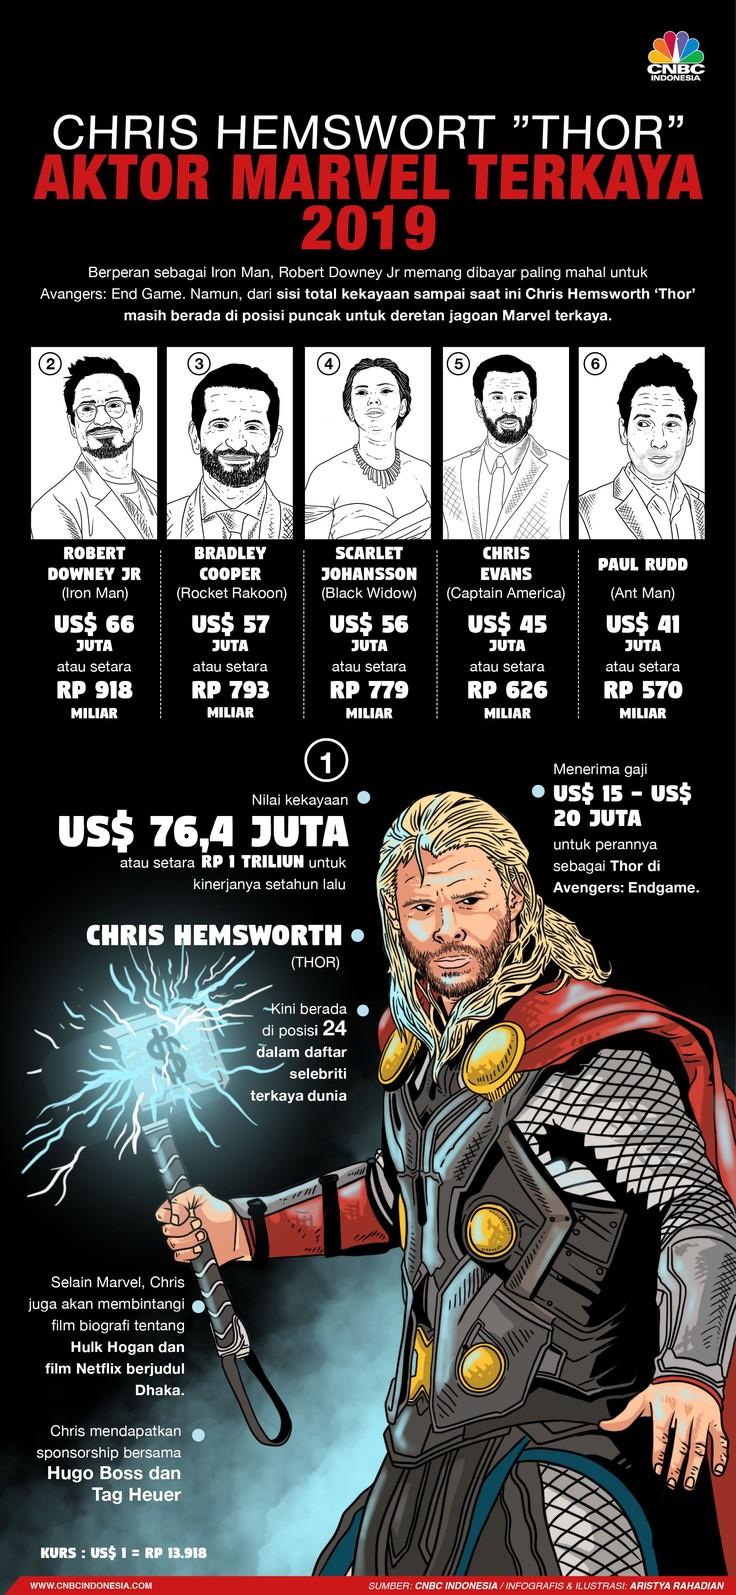 Chris Hemsworth 'Thor' Jadi Avengers Terkaya di 2019